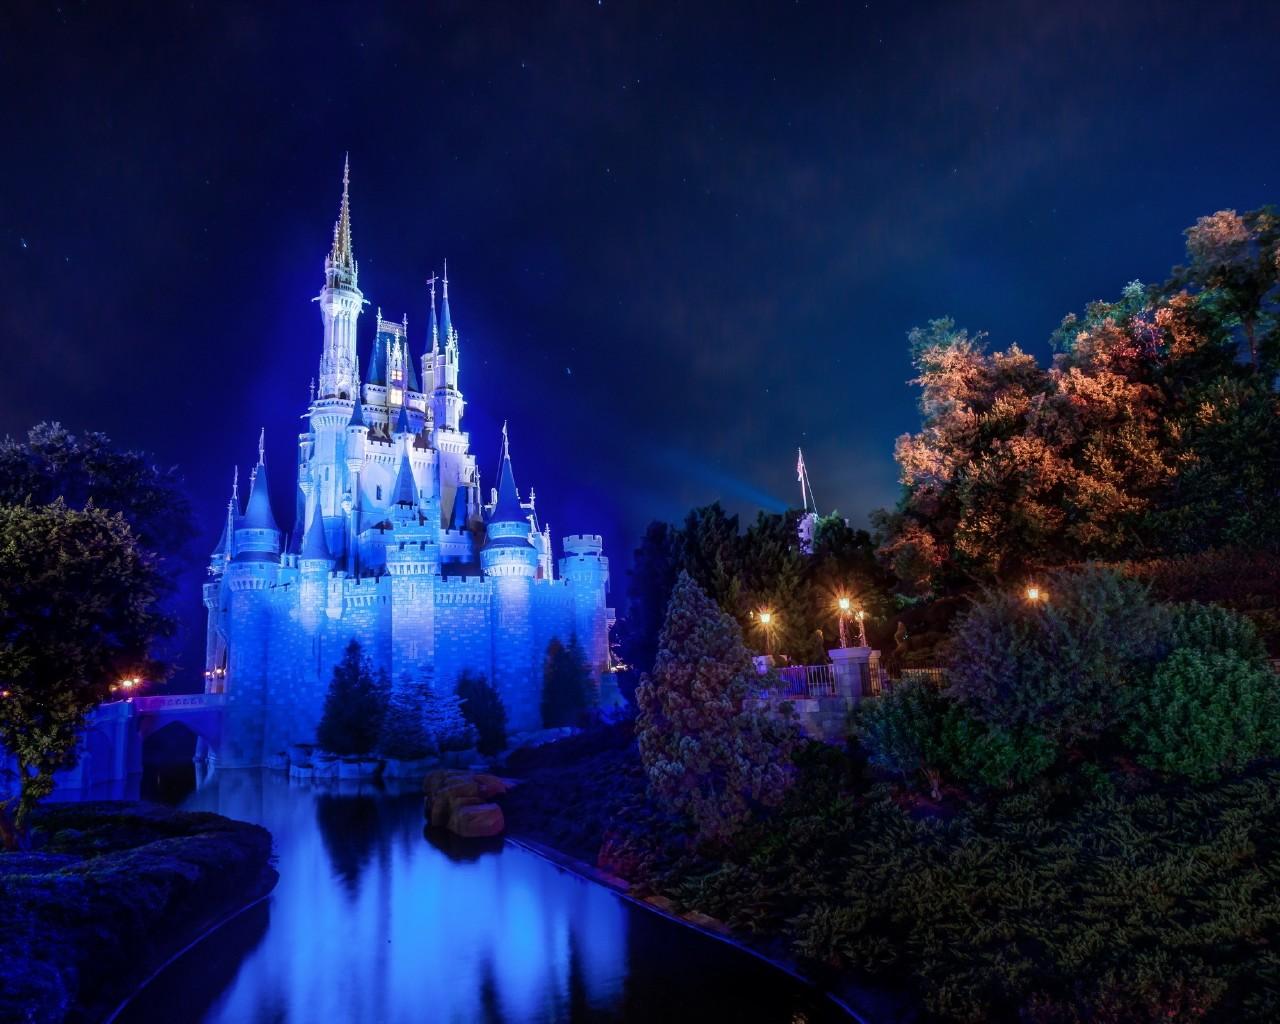 Magic Kingdom Cinderella Castle Wallpaper 114636 1280x1024